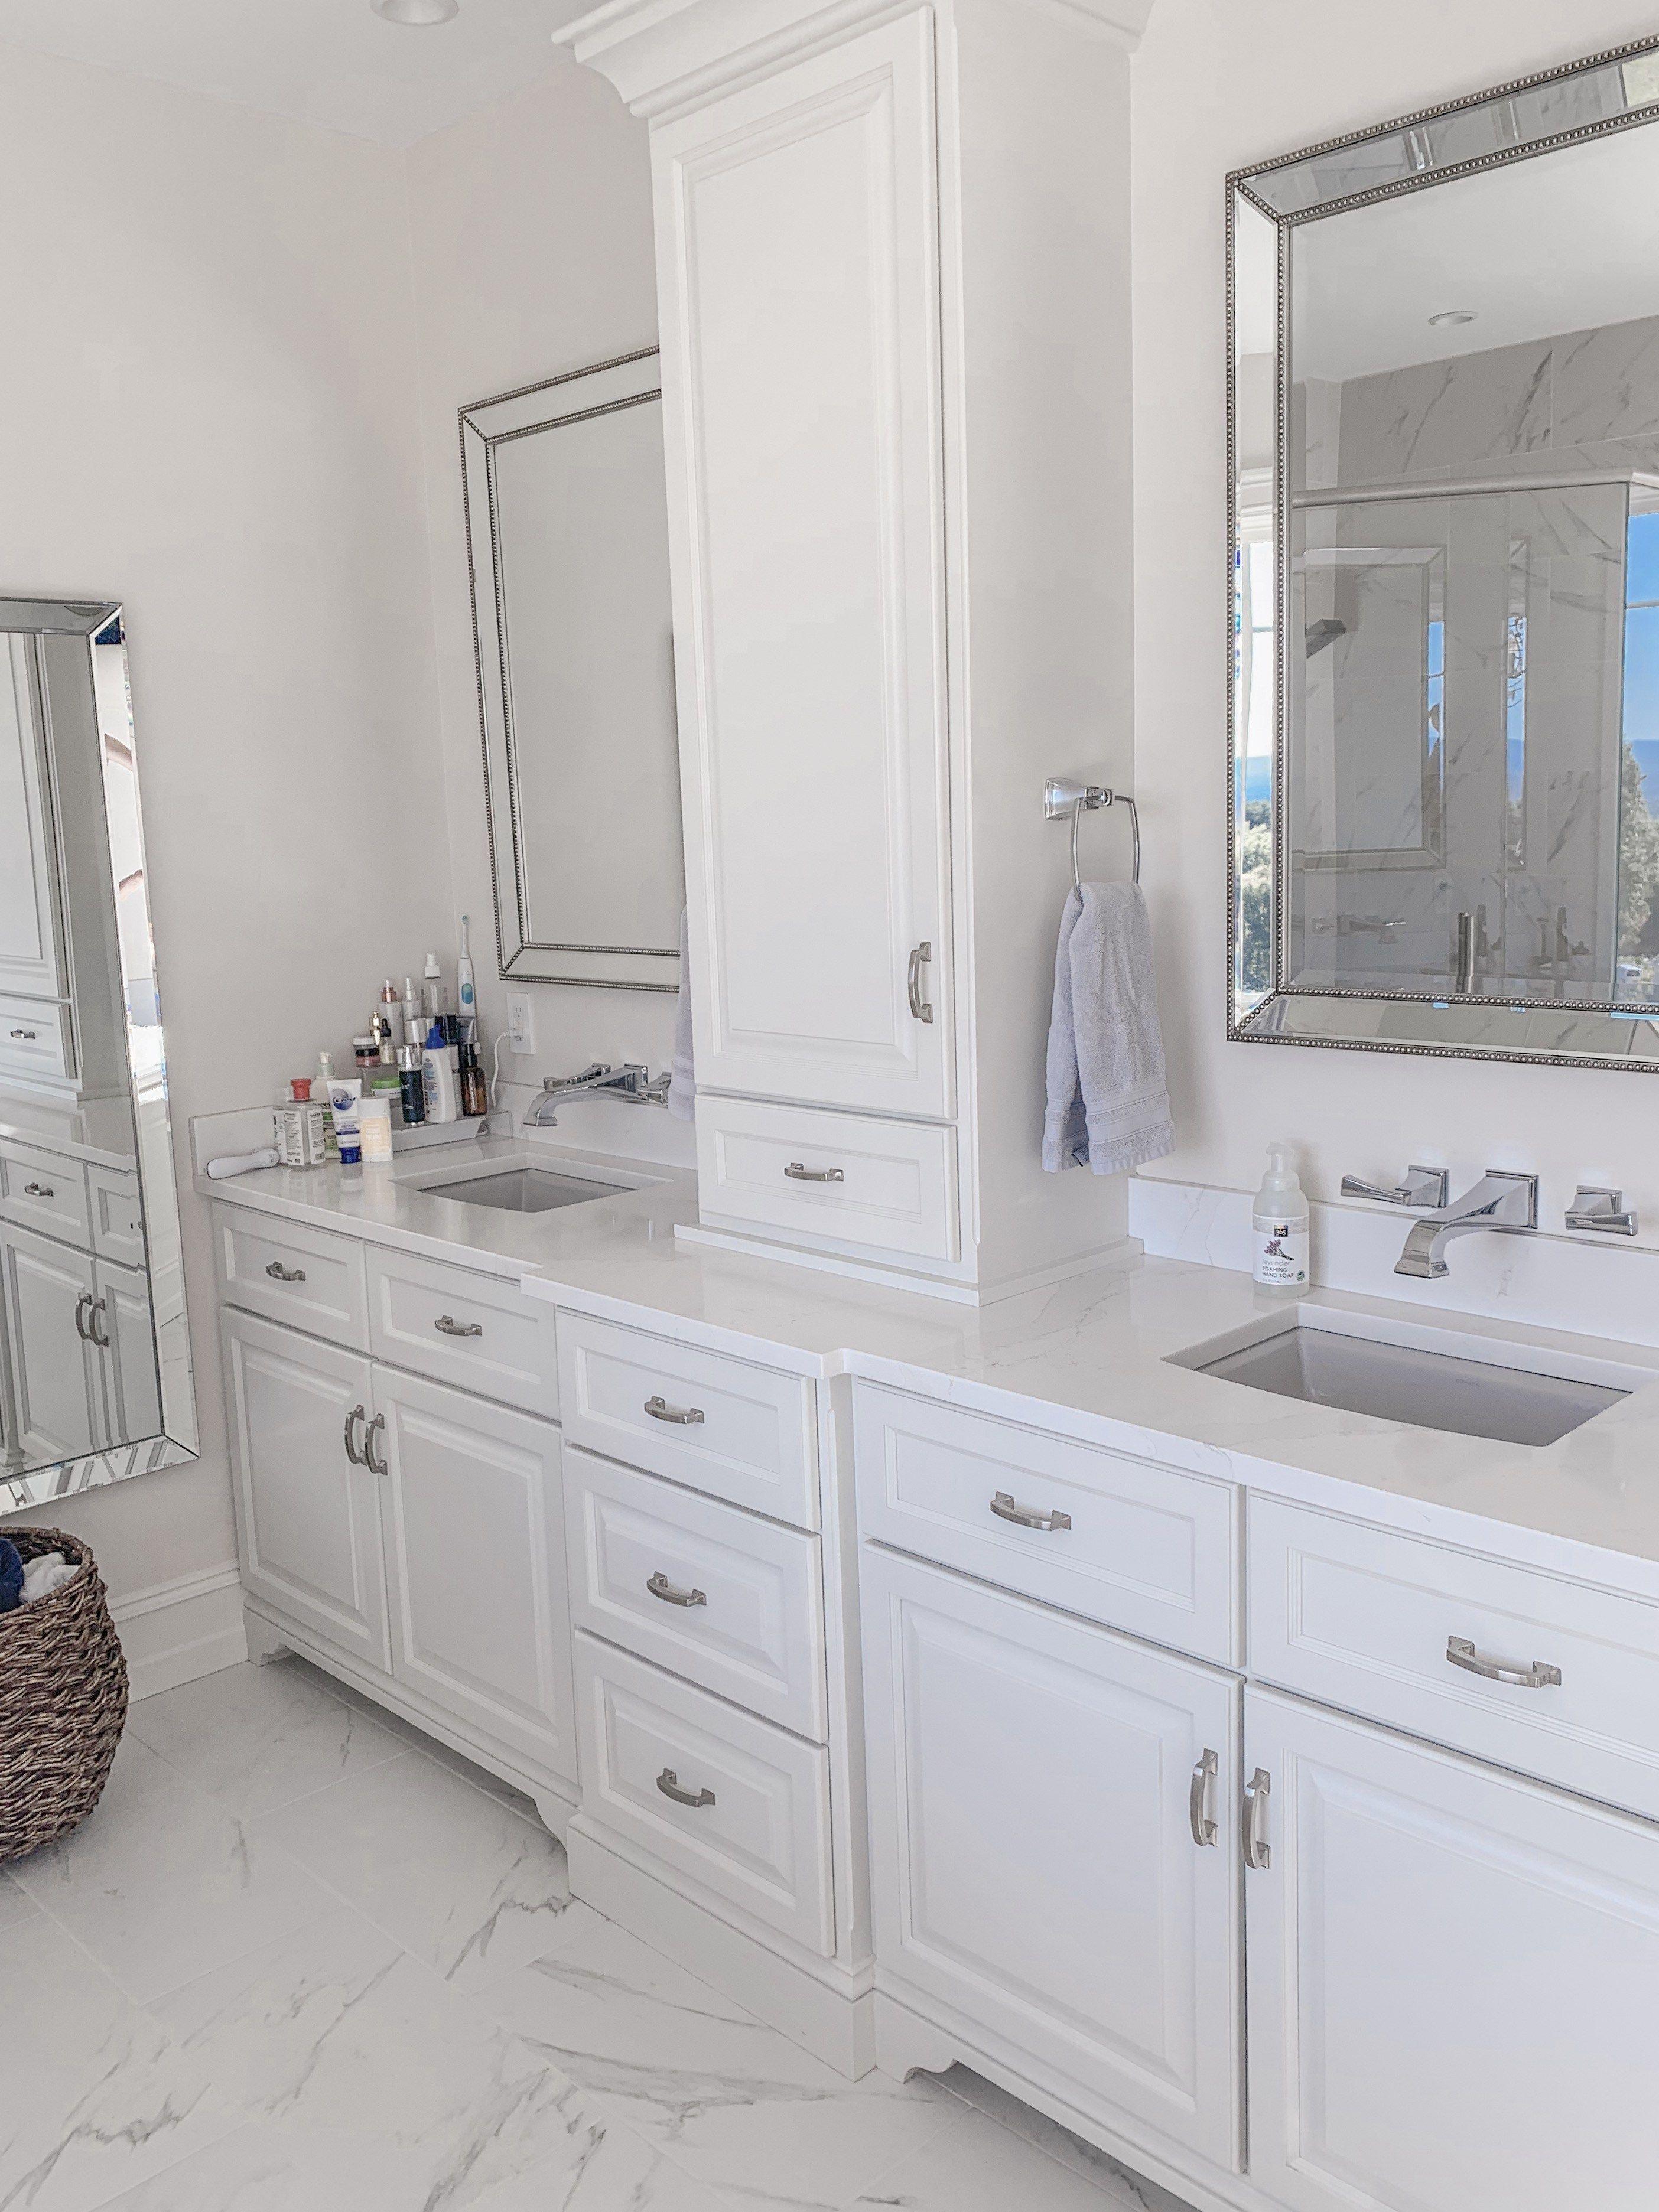 Luxurious Bathroom Ideas Bathroom Luxury Luxurybathroom Bathroomideas Bathroom Remodel Cost Average Bathroom Remodel Cost Bathroom Remodel Designs